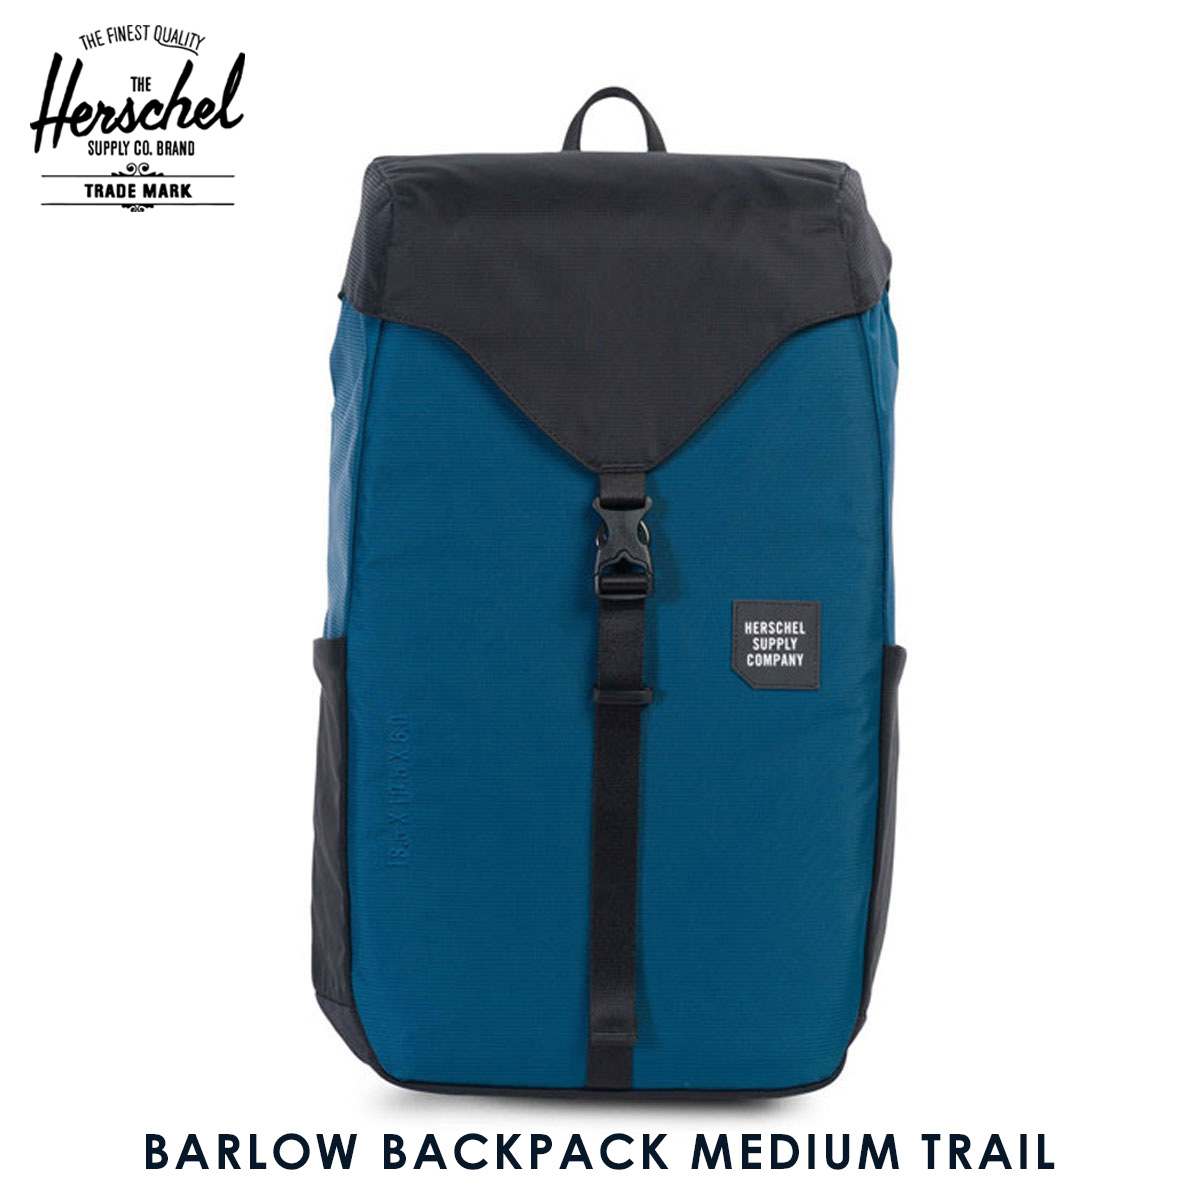 【販売期間 6/4 10:00~6/11 09:59】 ハーシェル バッグ 正規販売店 Herschel Supply ハーシャルサプライ バッグ BARLOW BACKPACK MEDIUM TRAIL 10270-01389-OS LEGION BLUE/BLACK D00S15 父の日